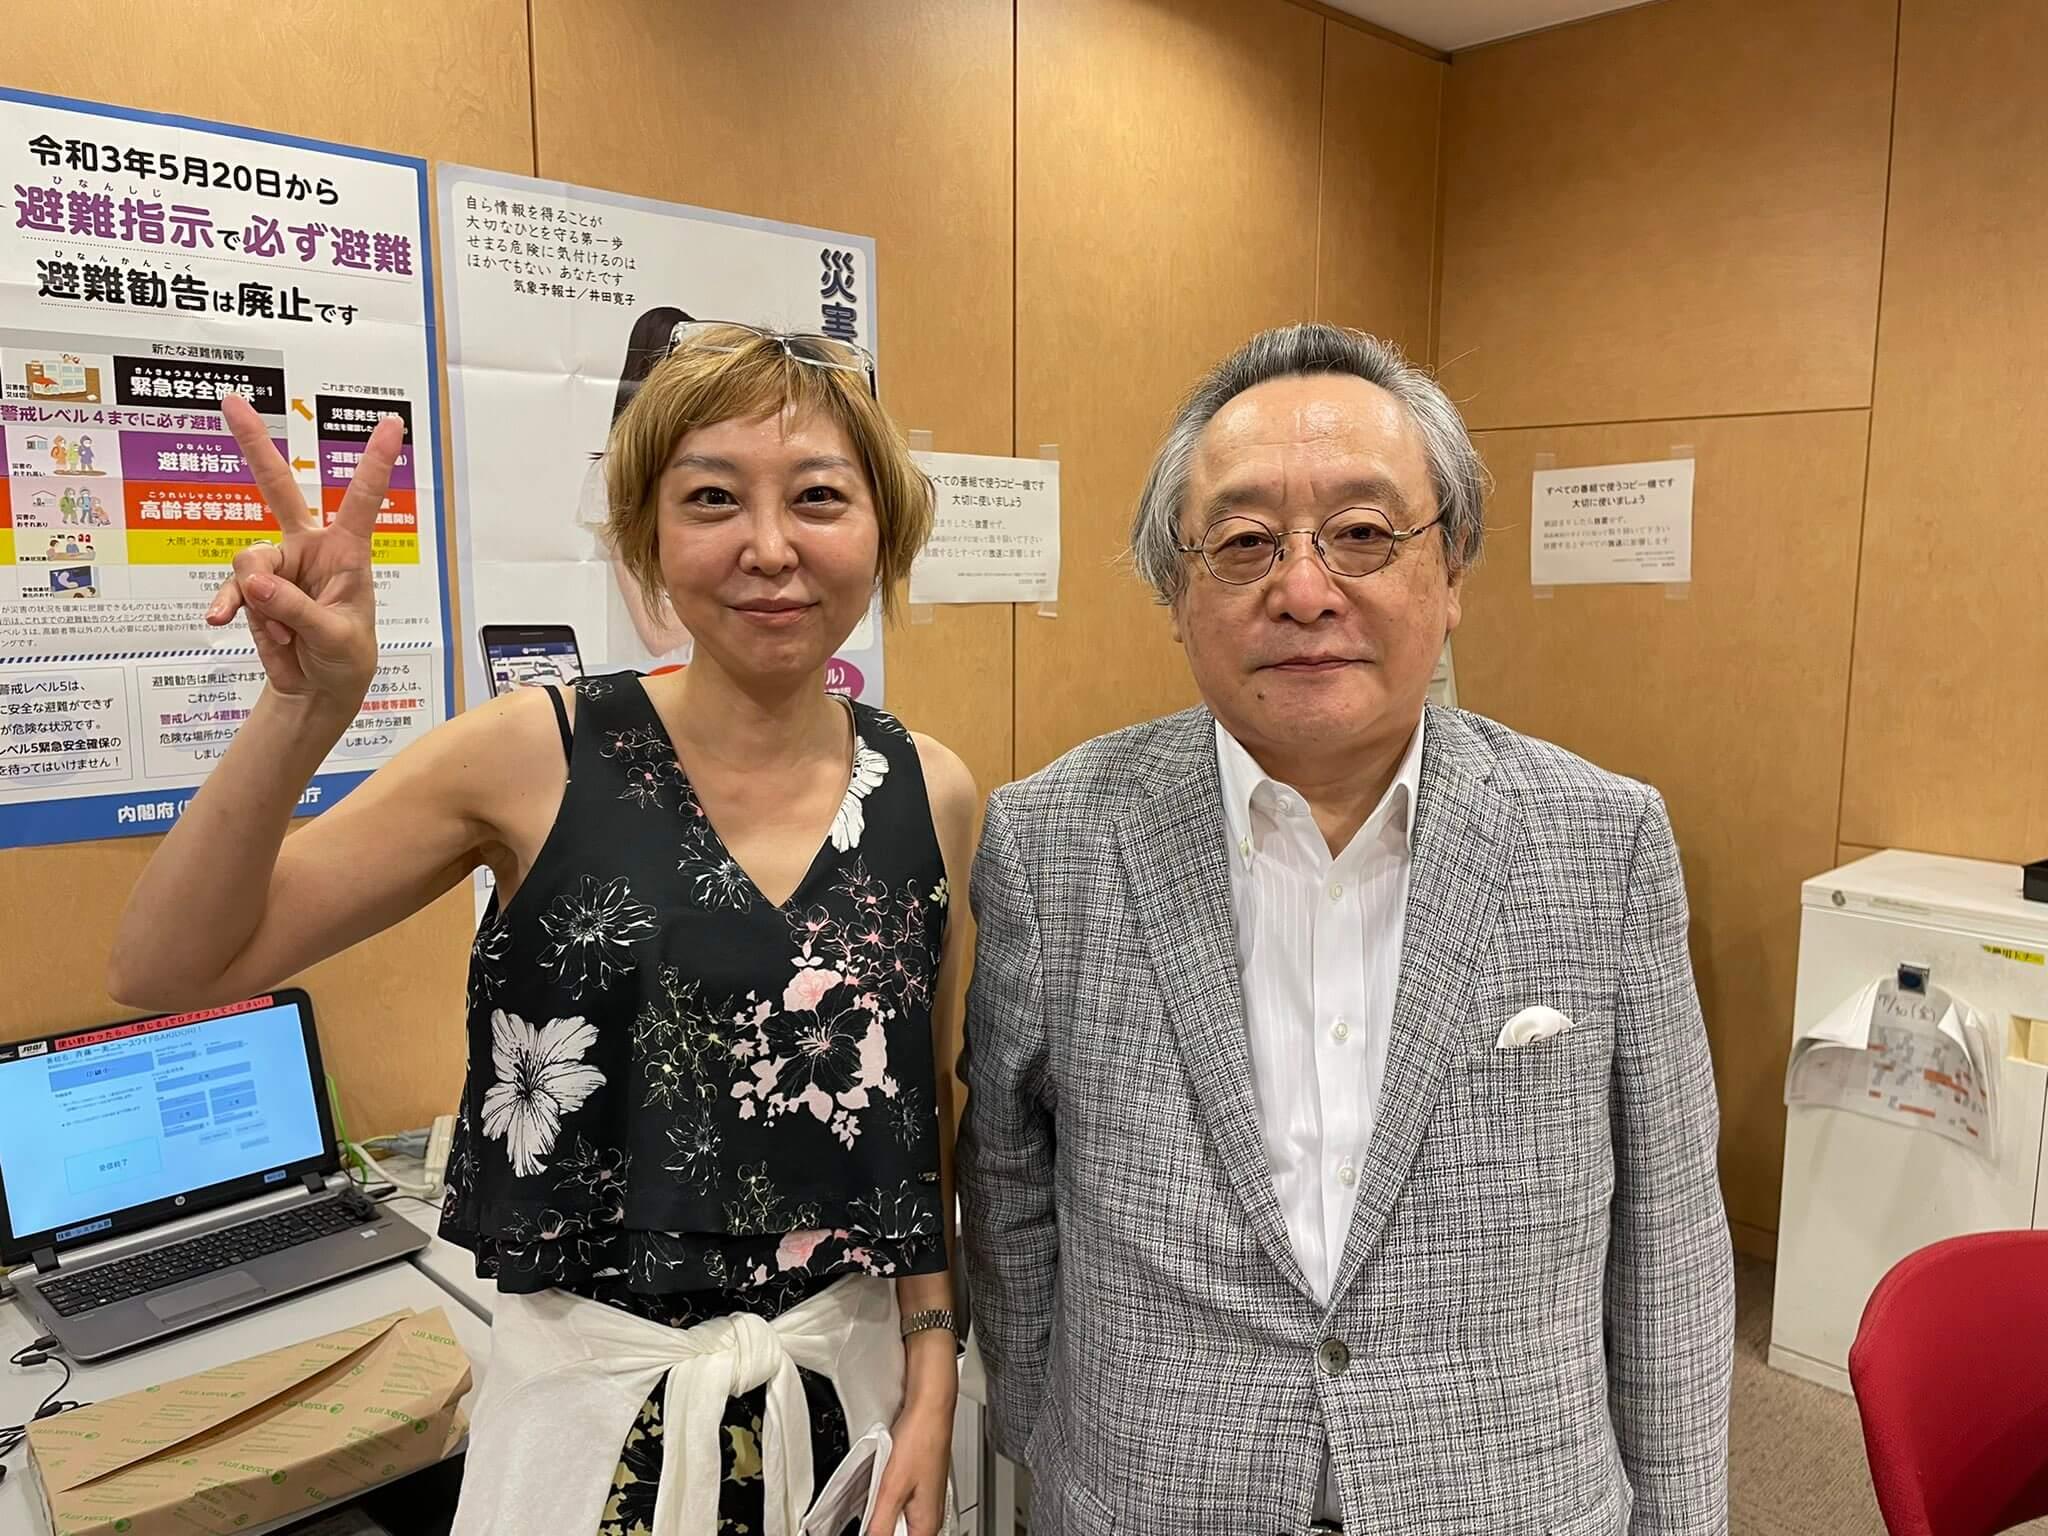 7/30(金)ゲストは憲法学者・小林節さん!!今の政治について議論かわす。